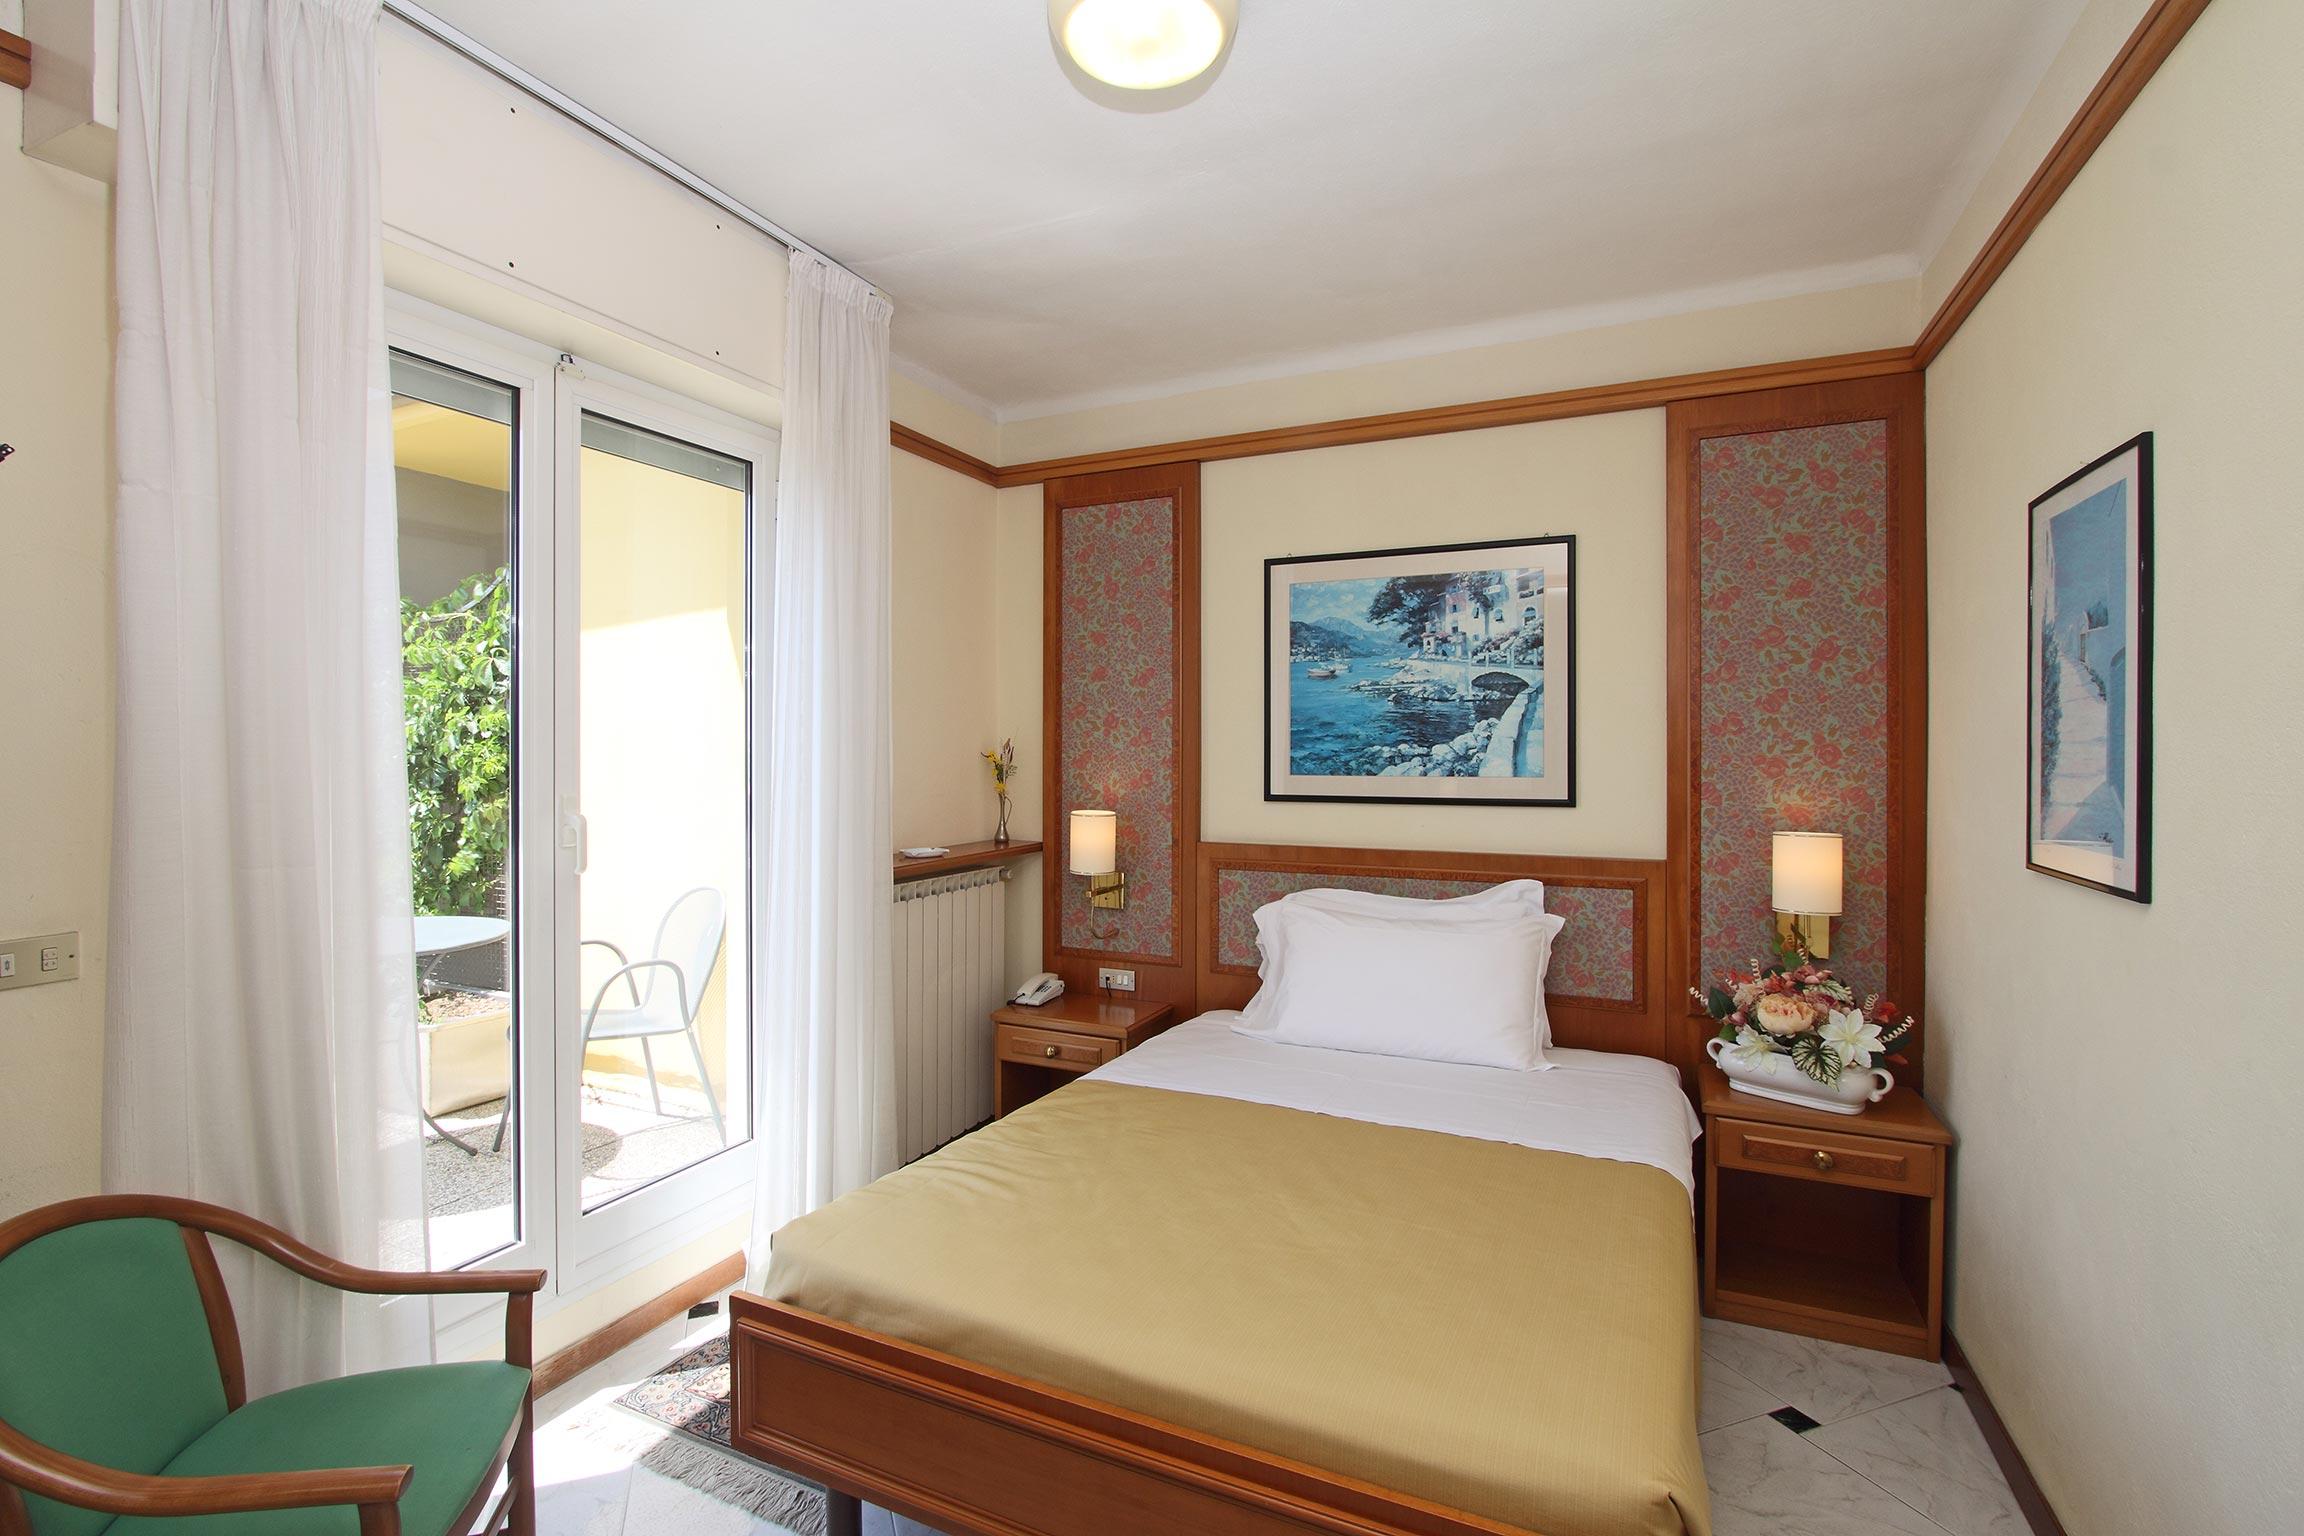 camere hotel diano marina - singola vista mare